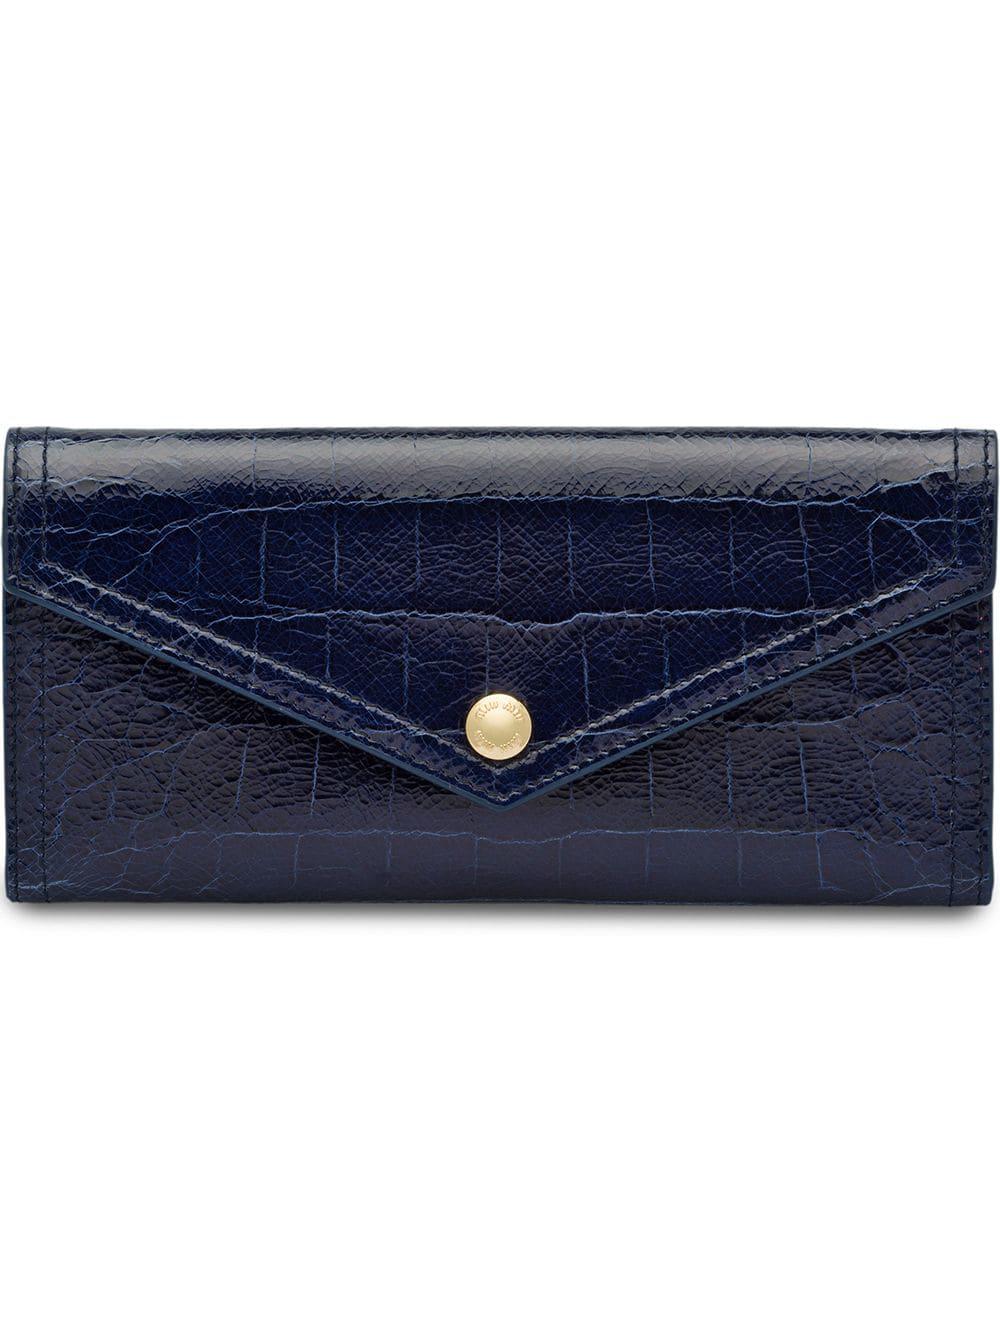 9ff21e9fe1ca Miu Miu Cocco Lux Wallet - Blue | ModeSens